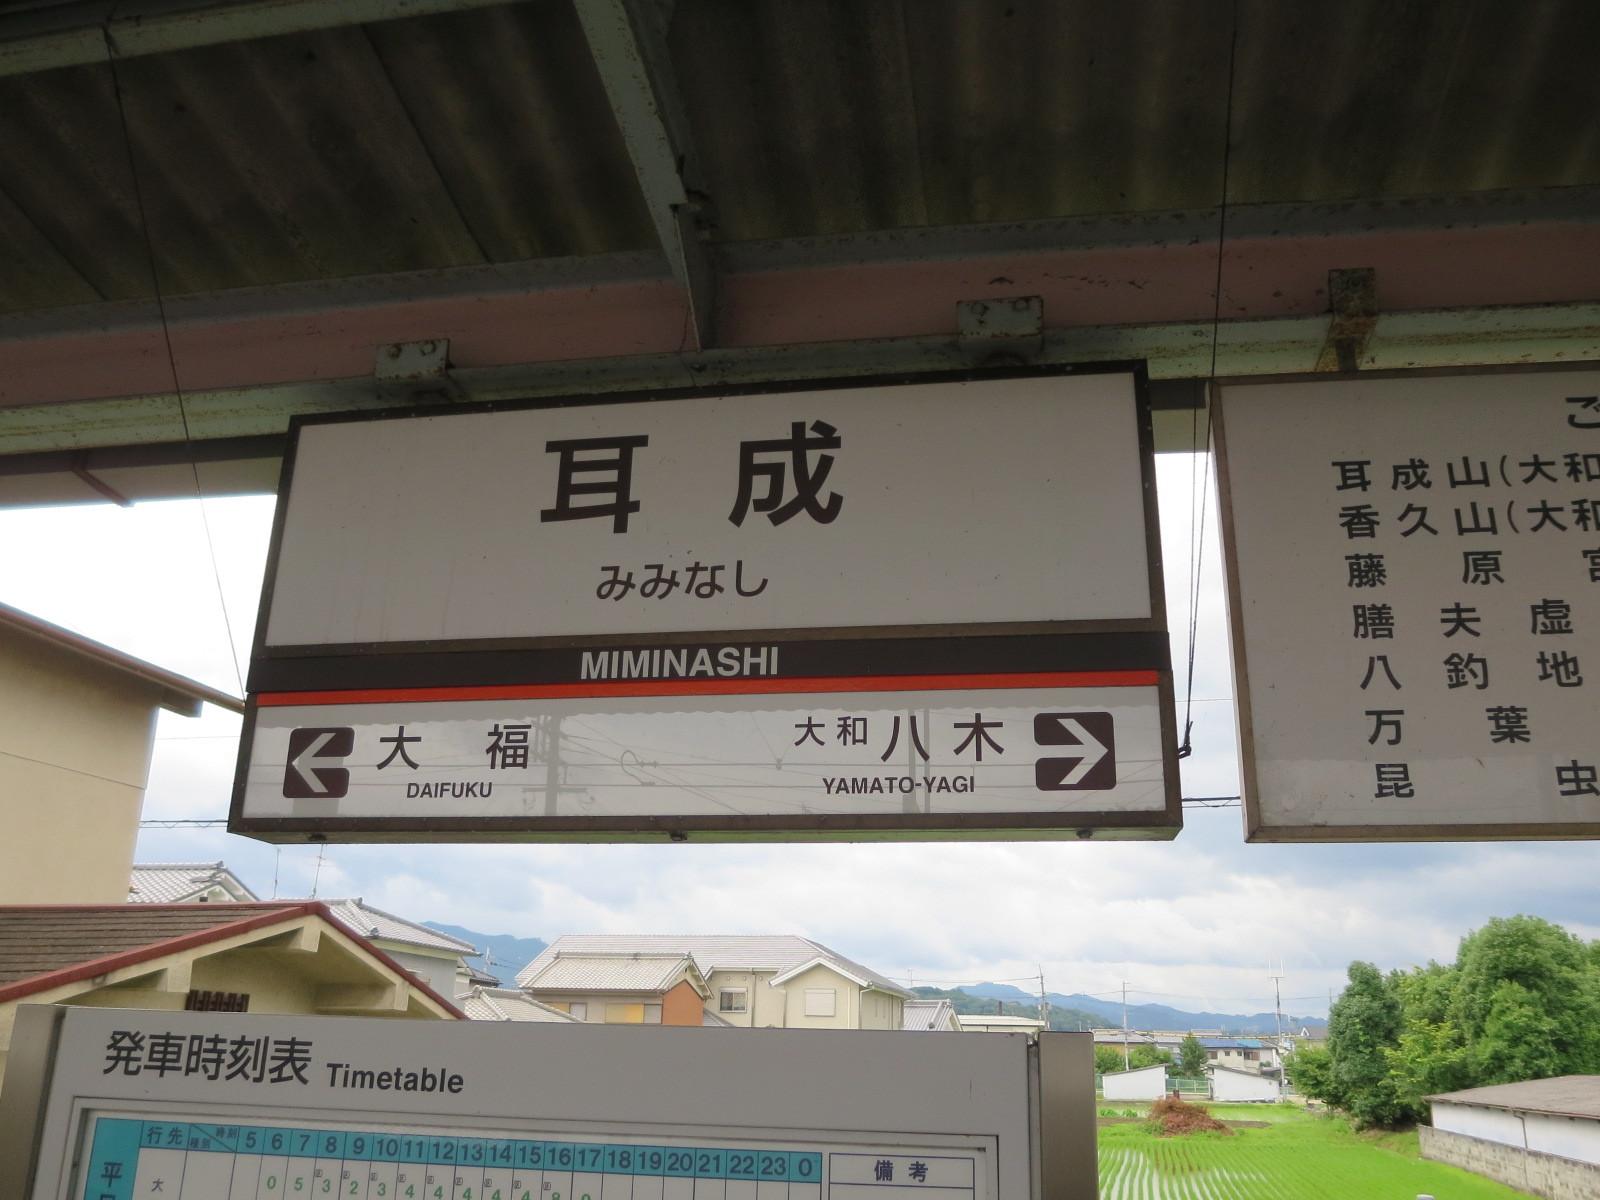 たまに額田王が走る駅_c0001670_19542727.jpg